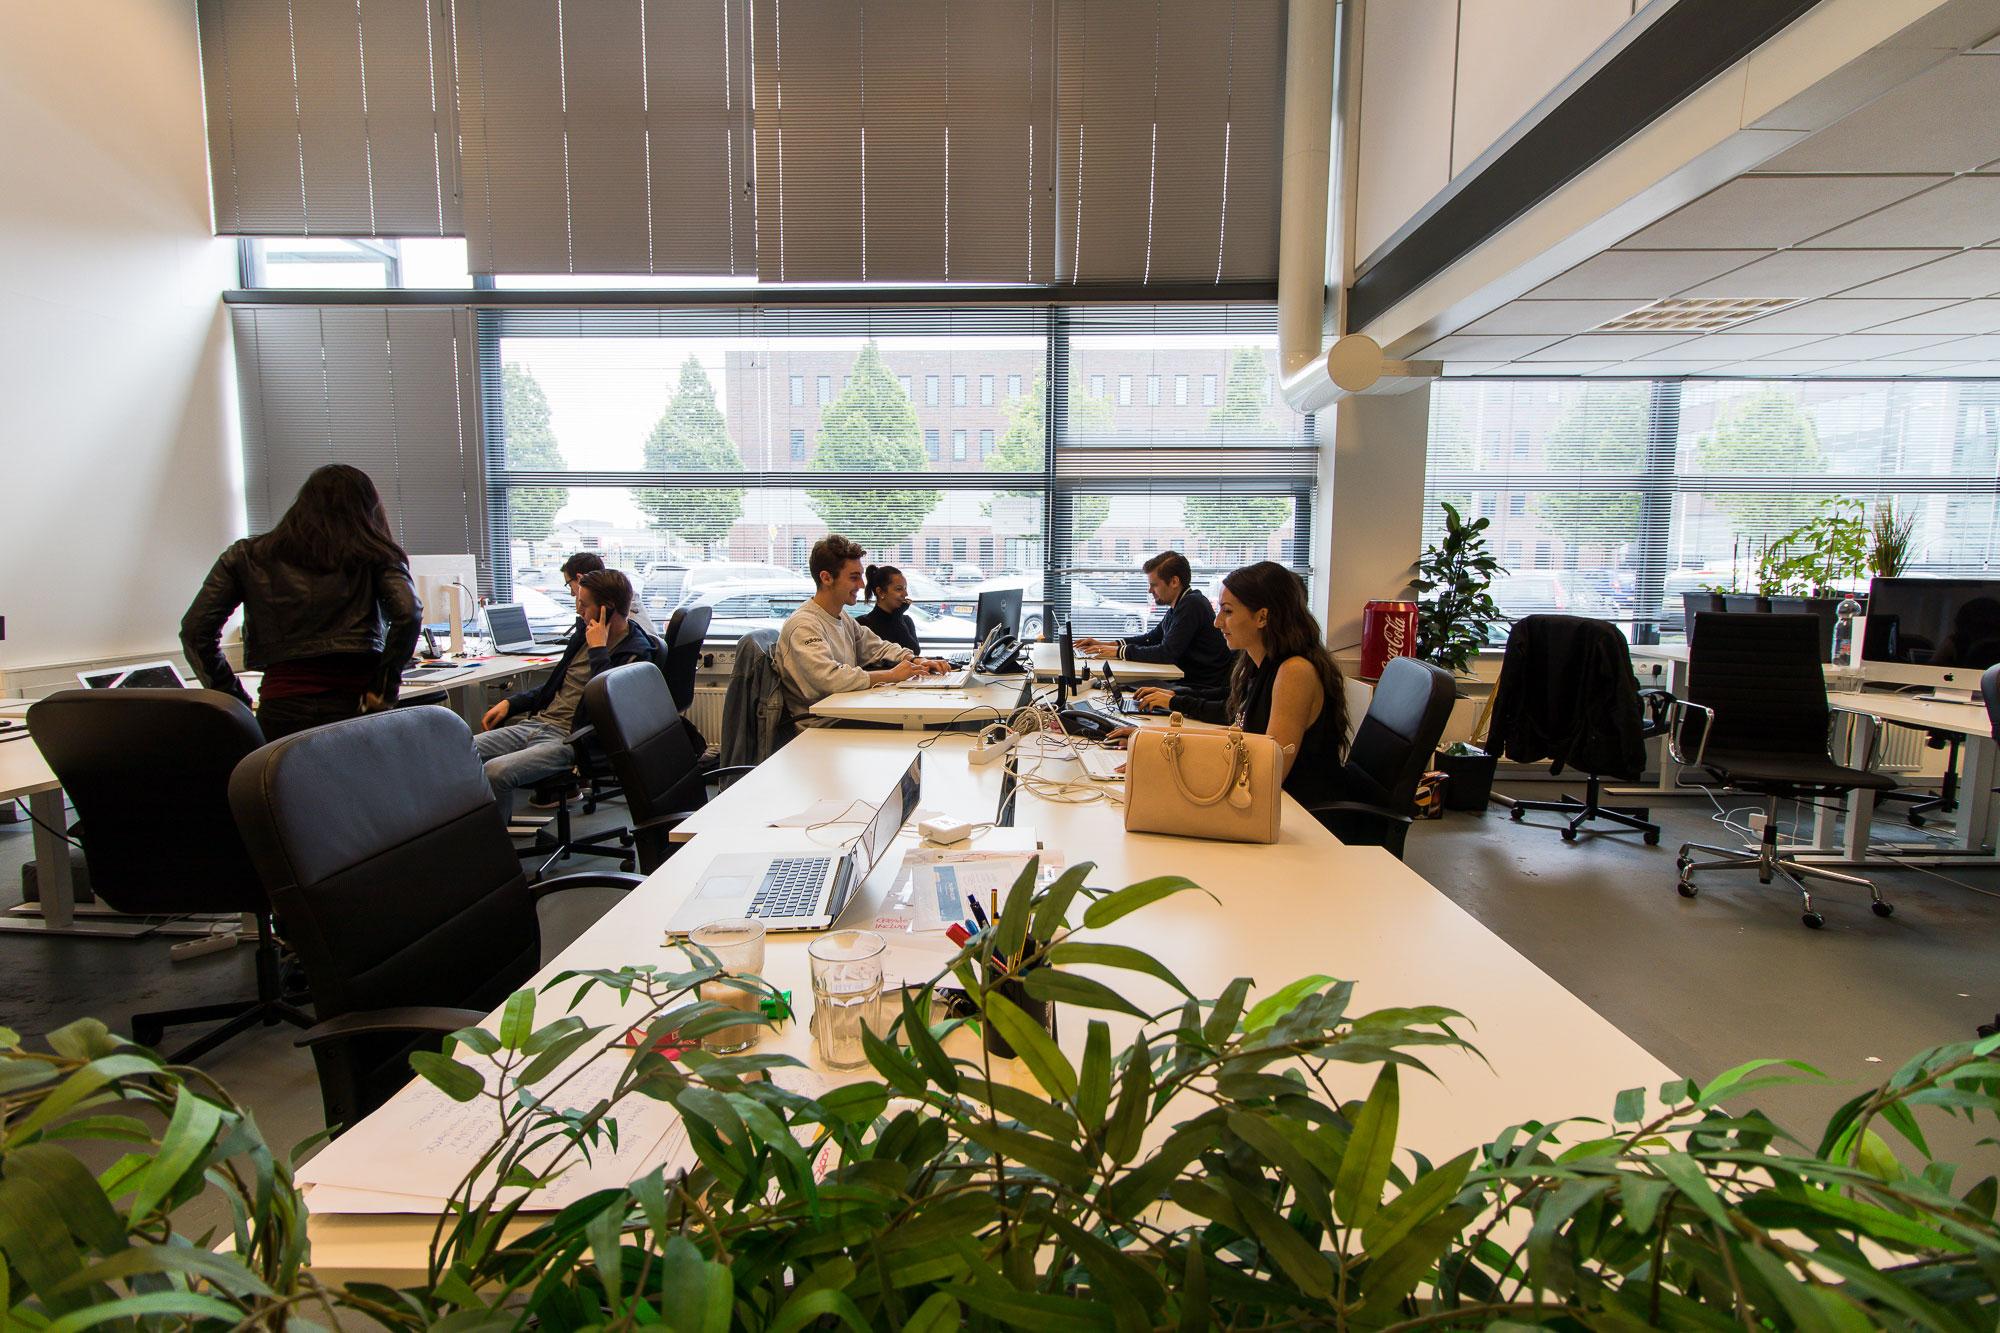 Kantoor Huren Amsterdam : Kantoorruimte amsterdam huren de beste kantoren